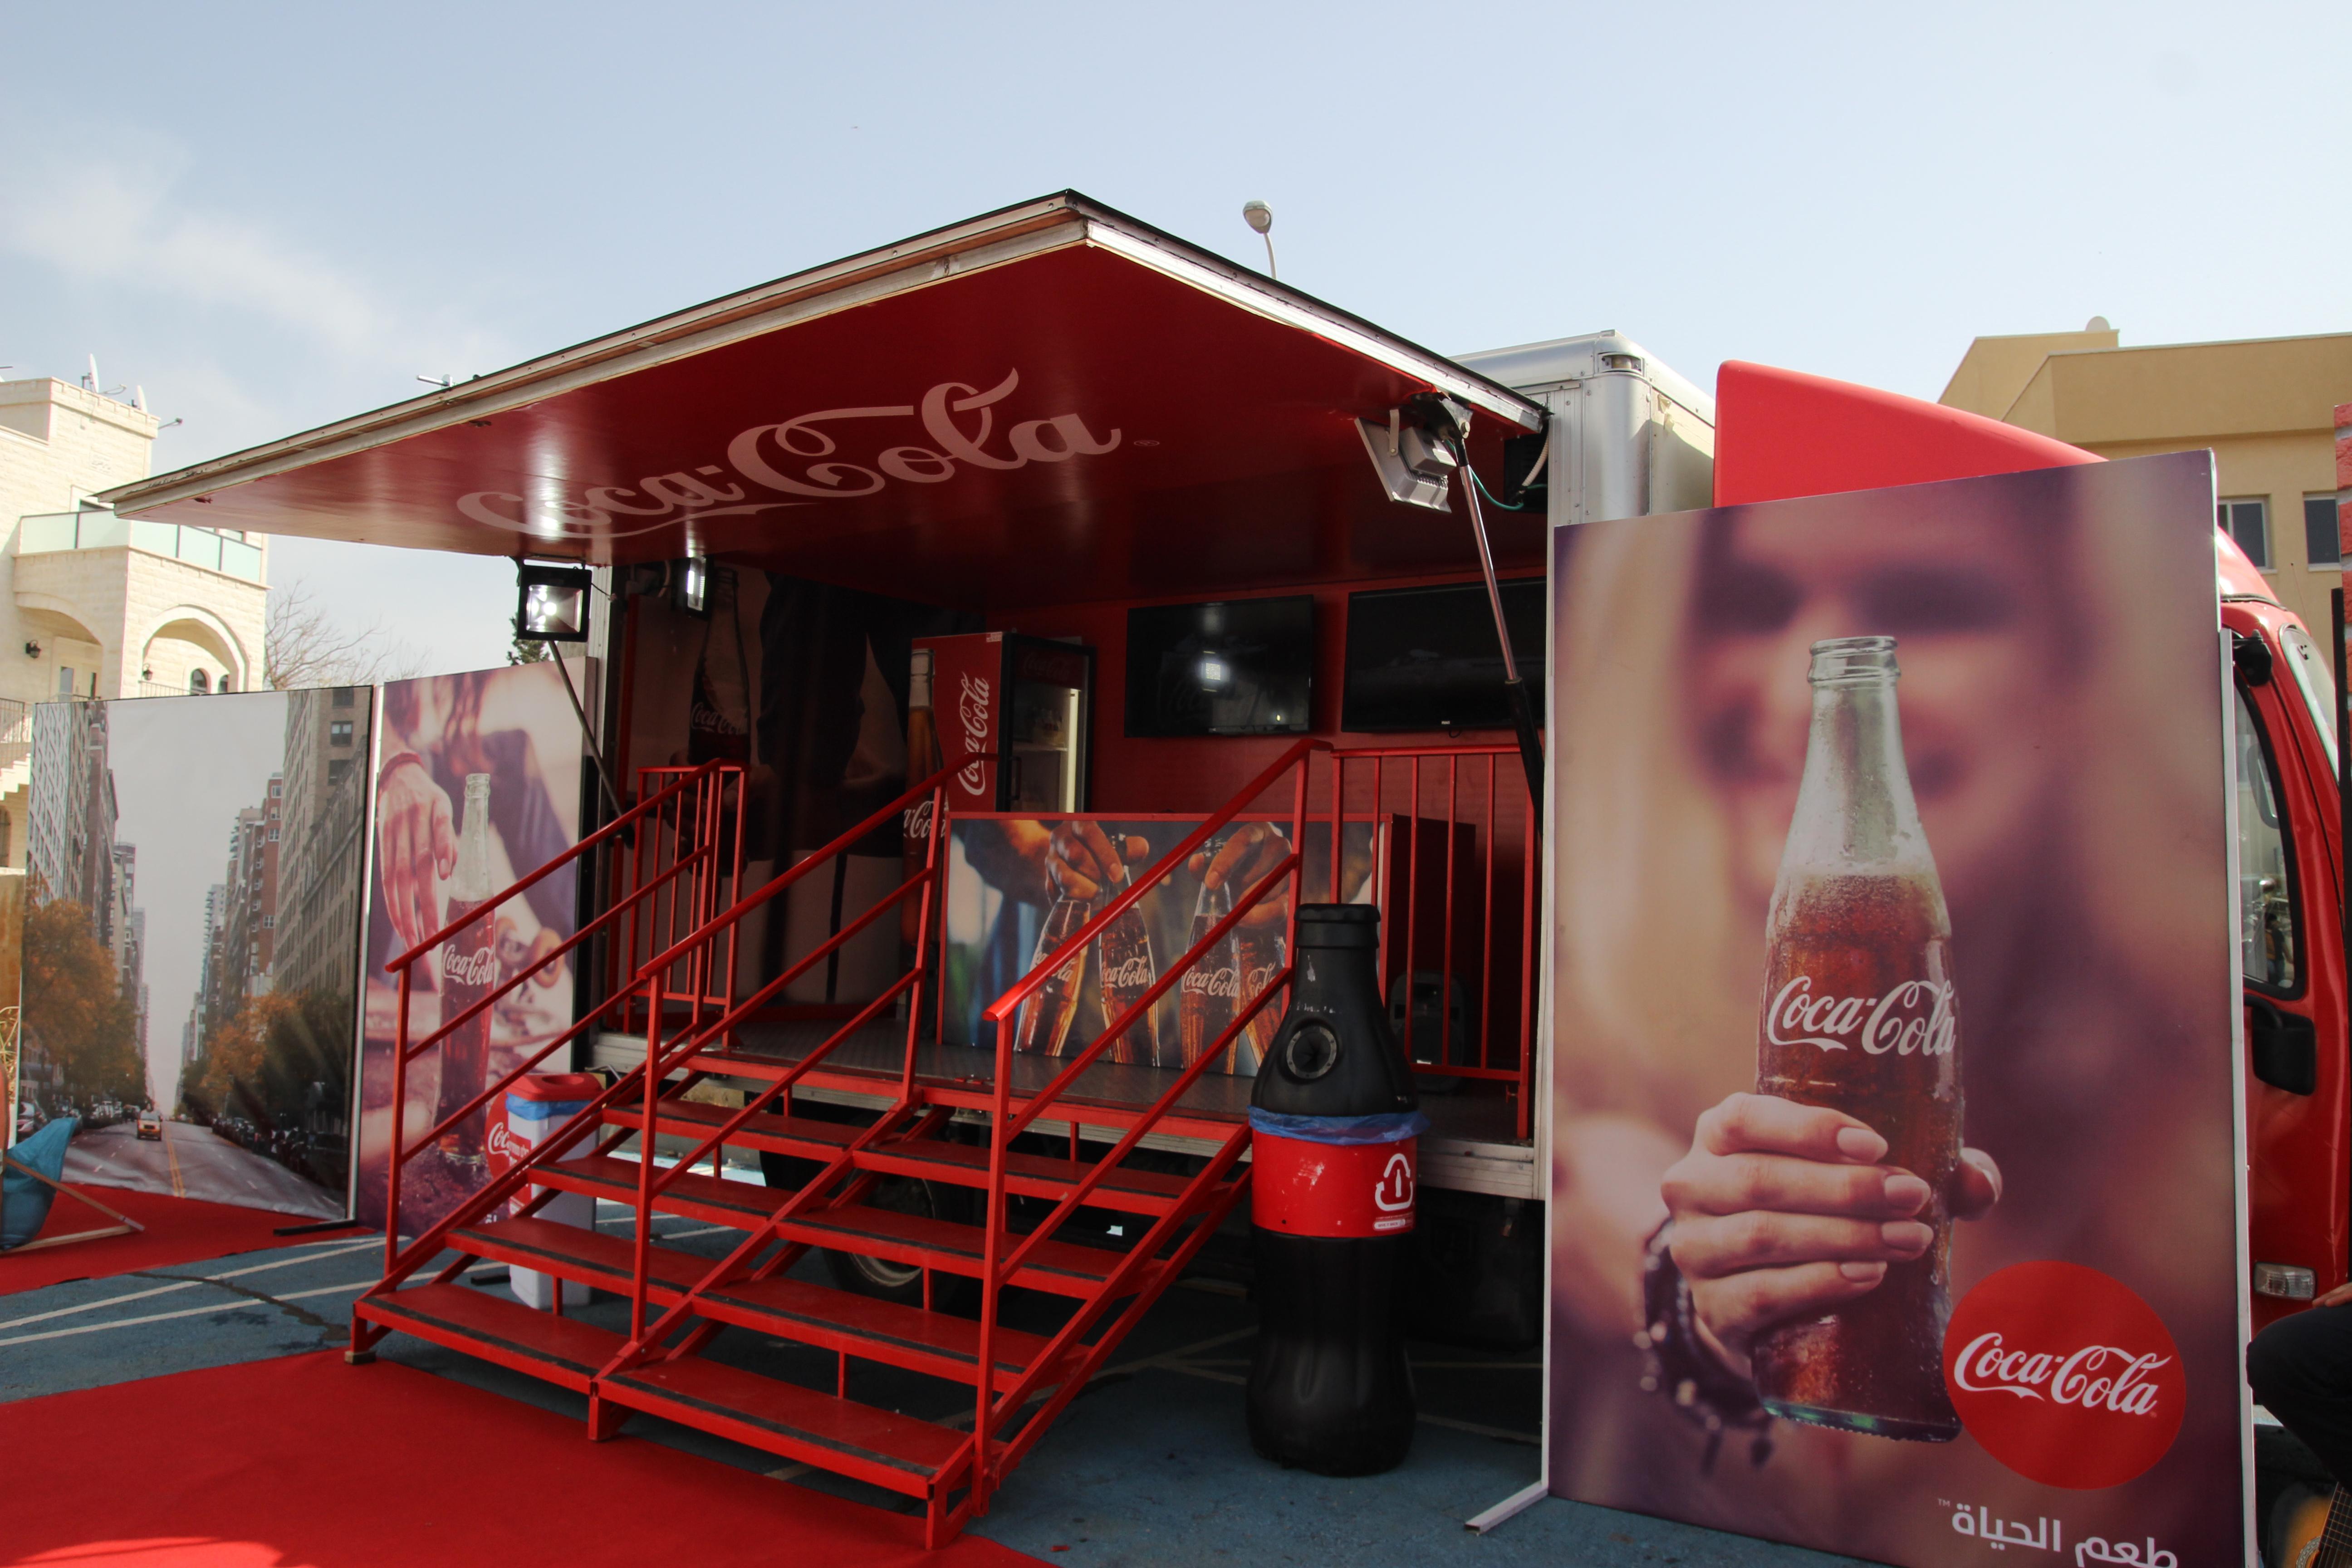 מגזר ערבי - משאית בר של קוקה-קולה